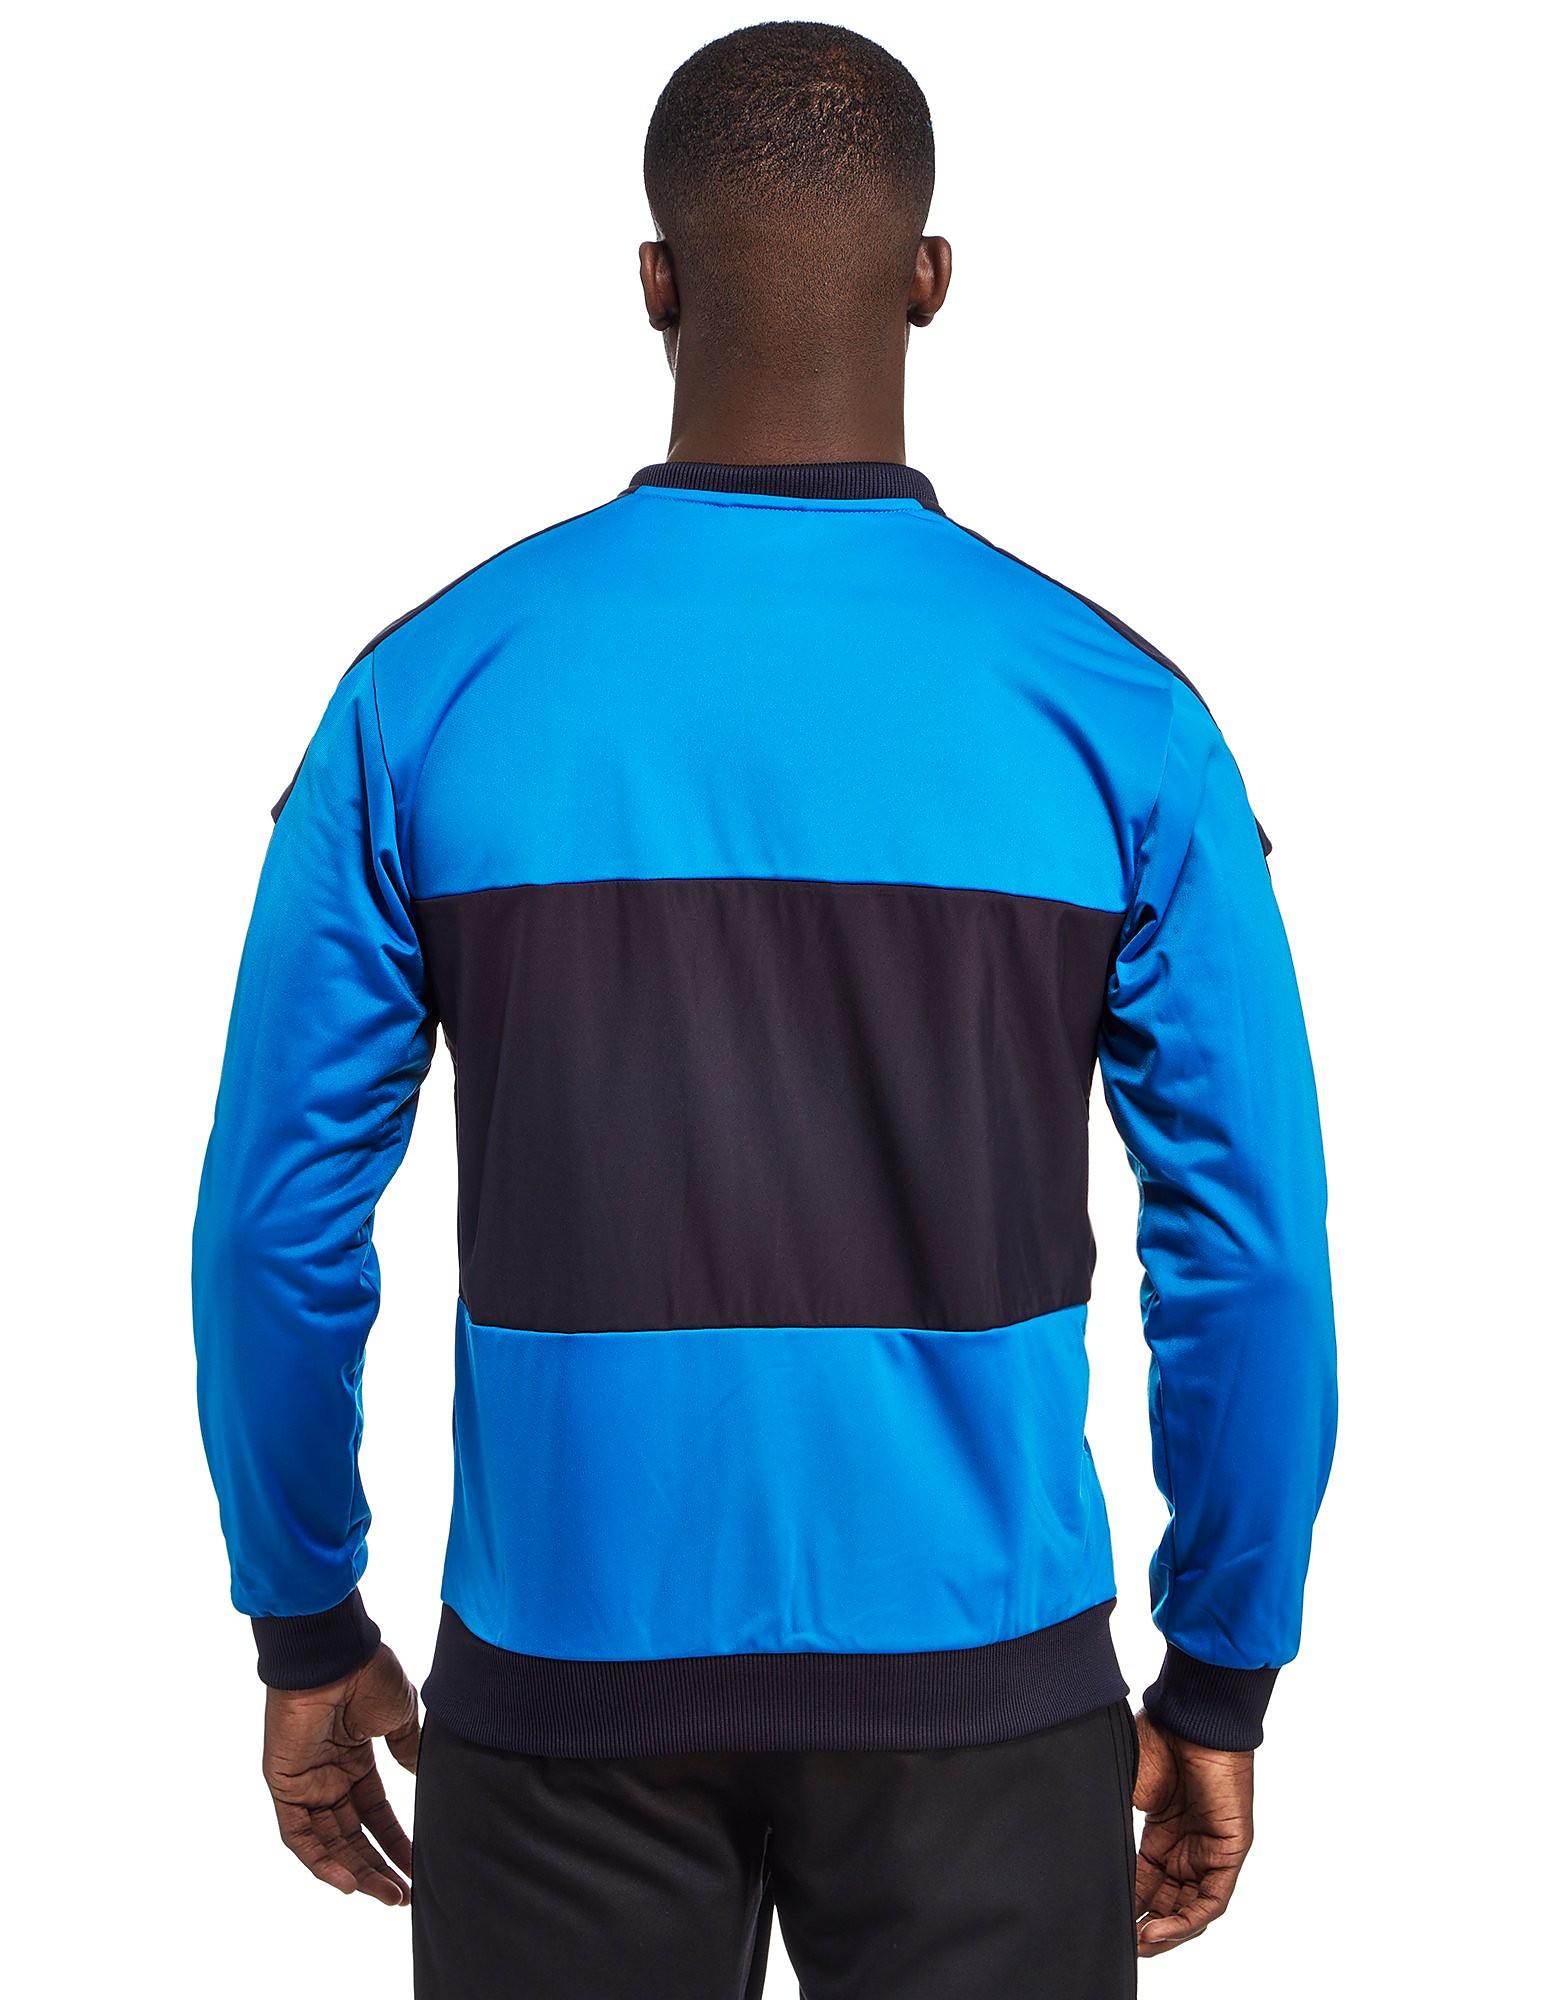 PUMA Rangers FC 2016/17 Stadium Jacket